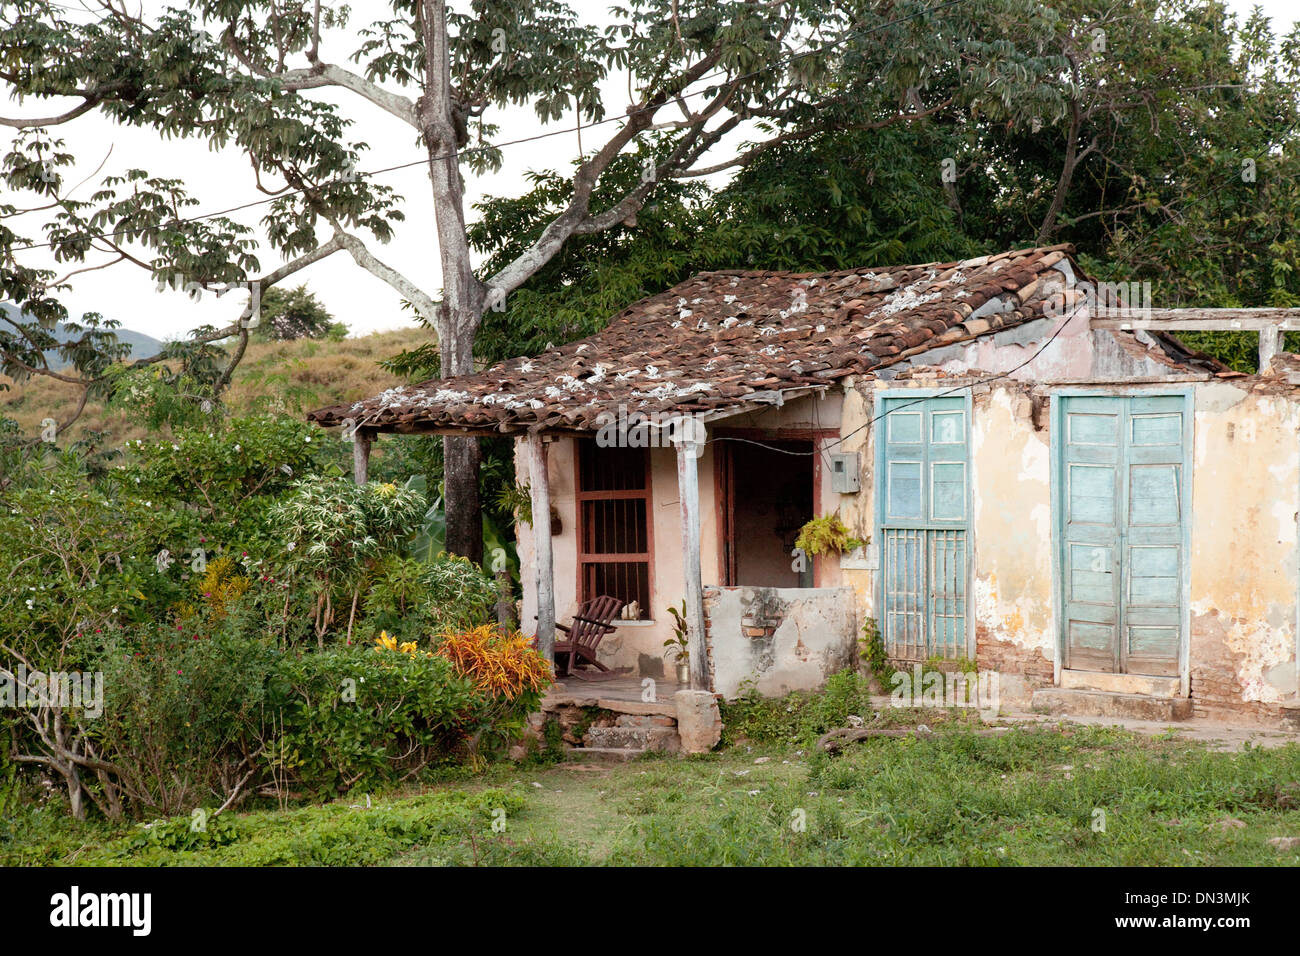 Una casa en Trinidad, Cuba, el Caribe, América Latina, reflejando la pobreza local. Imagen De Stock